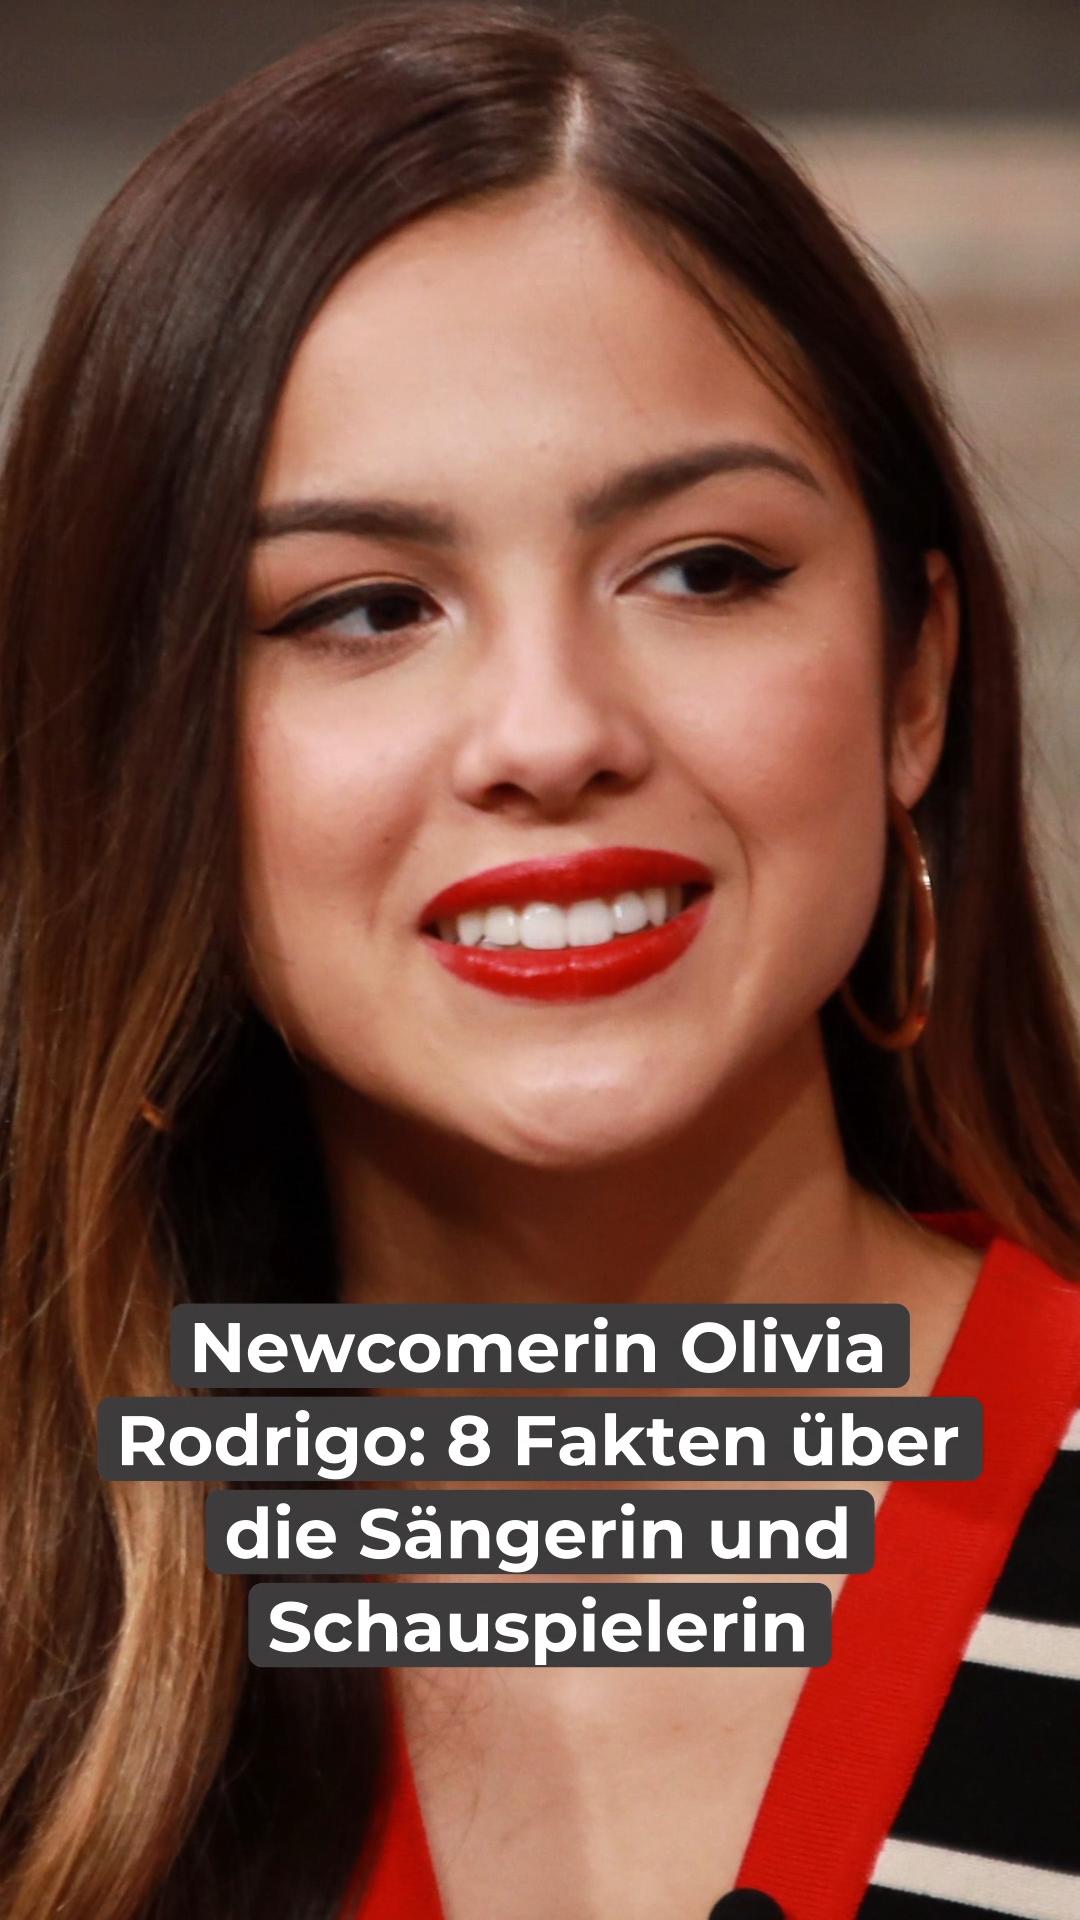 Newcomerin Olivia Rodrigo 8 Fakten Uber Die Sangerin Video Video In 2021 Schauspieler Sangerin Fakten